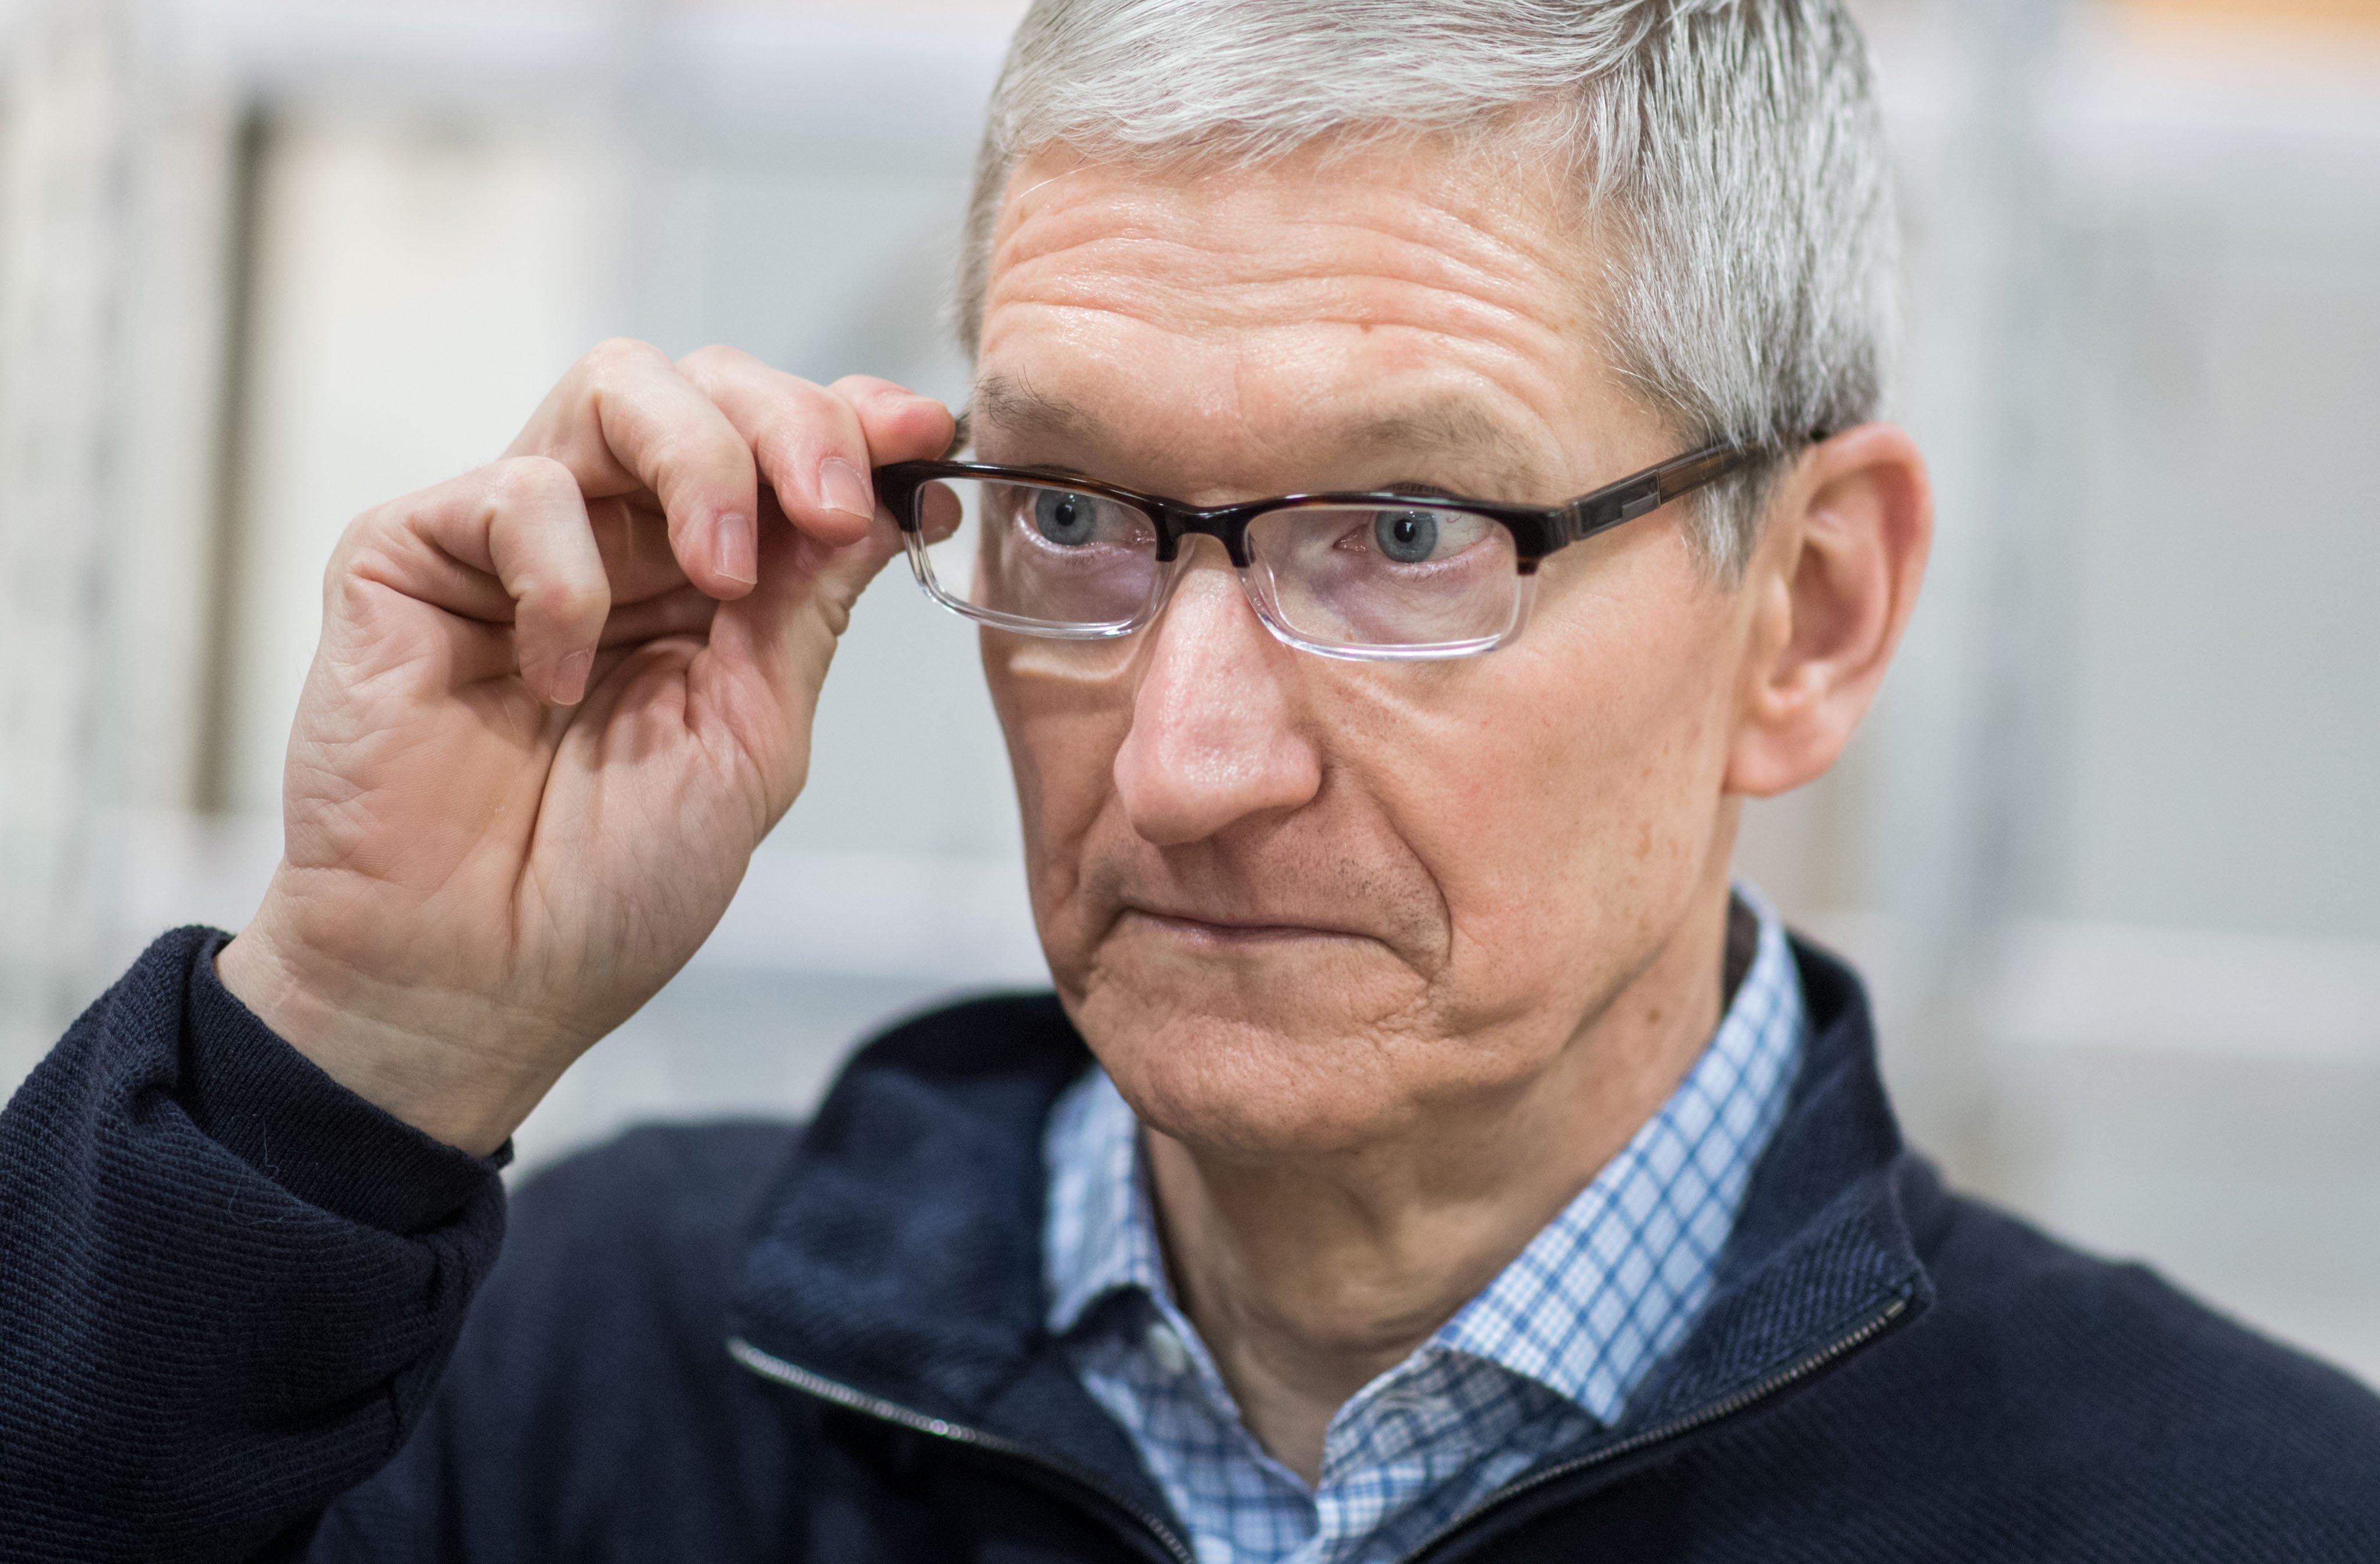 Apple : pour esquiver 13 milliards d'euros d'impôts en Europe, la firme contre-attaque